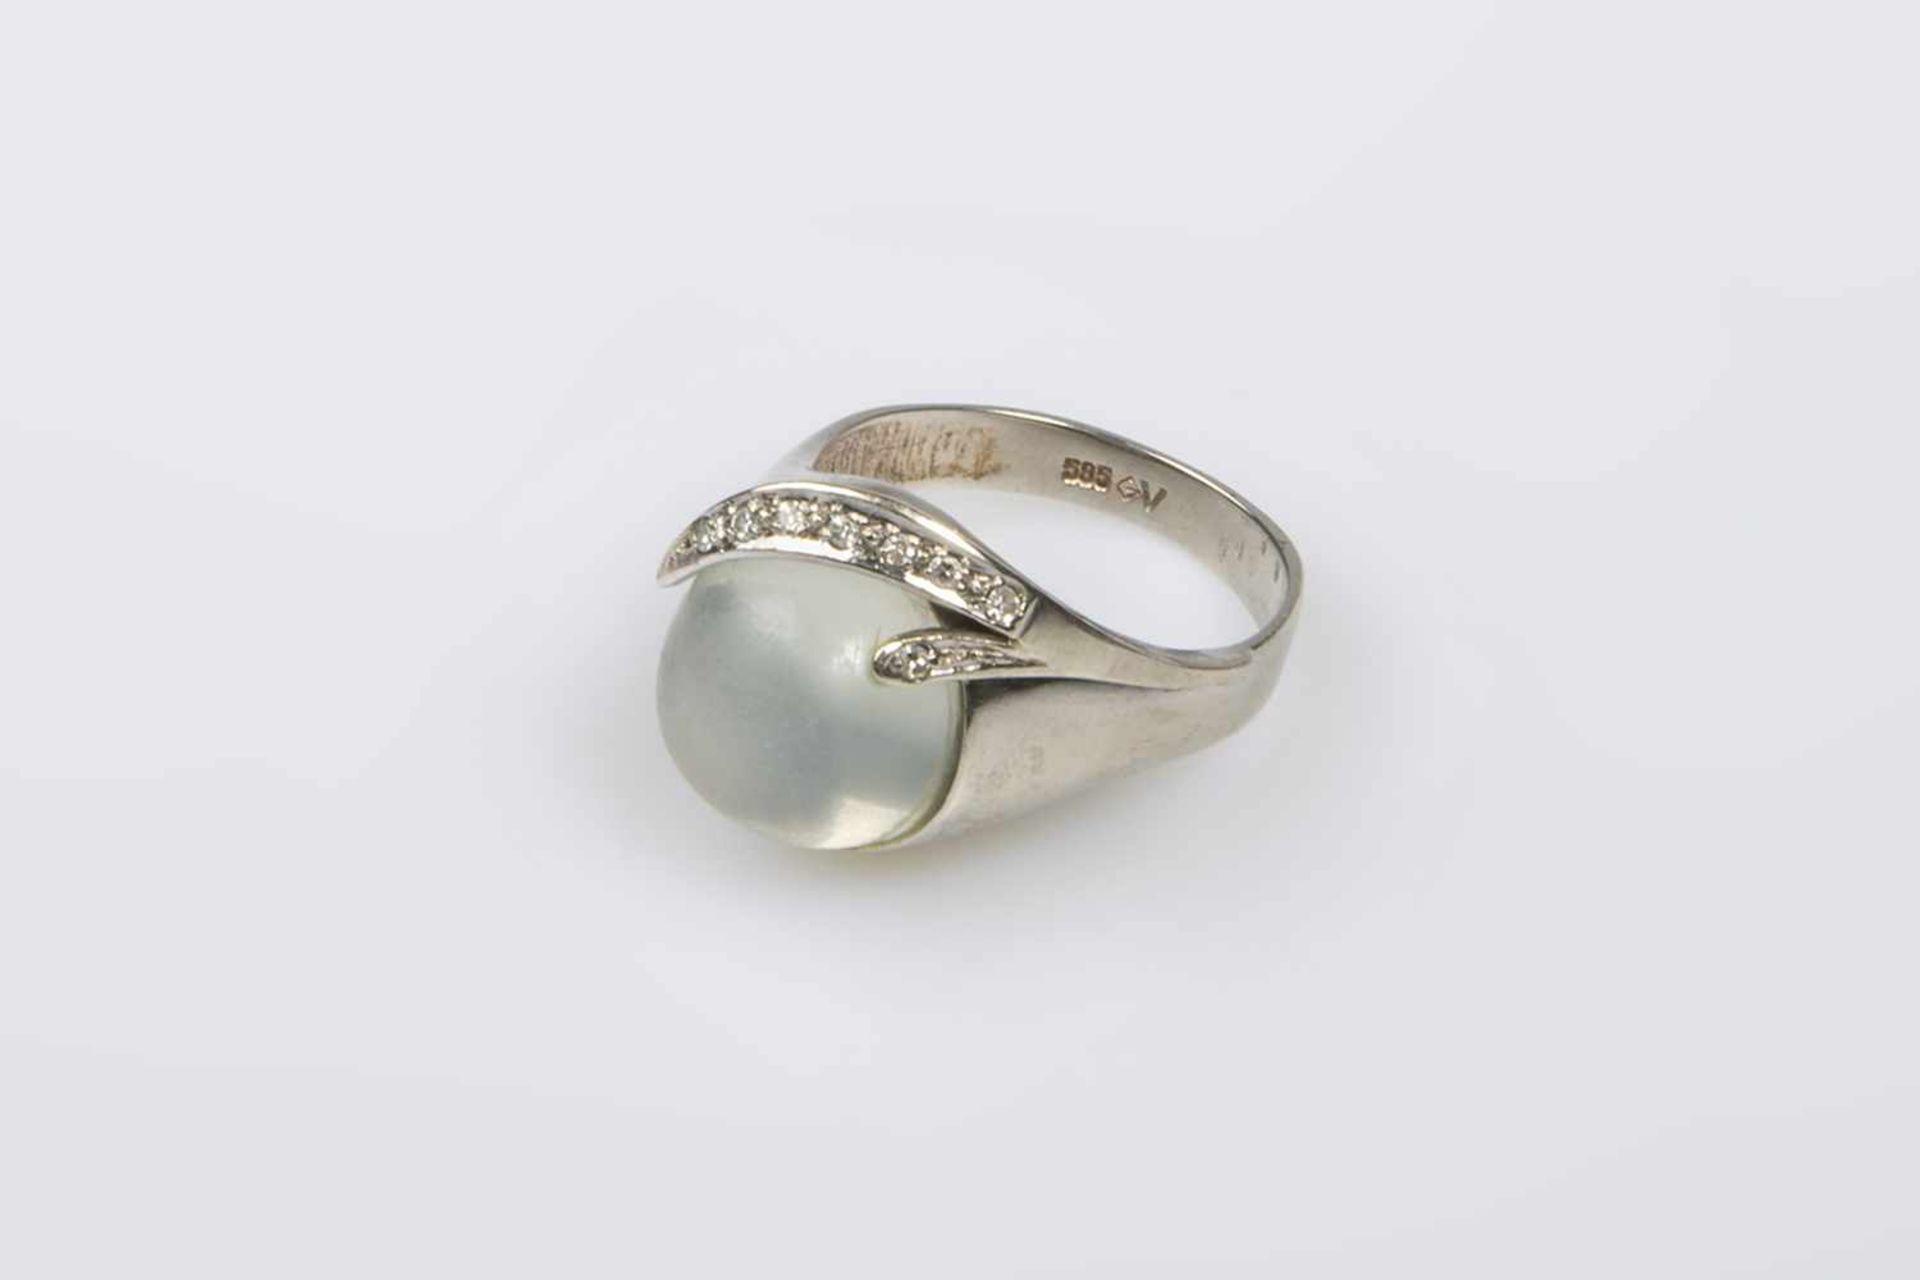 Los 20 - Damenring Weißgold 585 mit Brillanten und Diamanten zus ca.0,12 ct, und 1 Mondstein , RW 59, 7,9 g,1